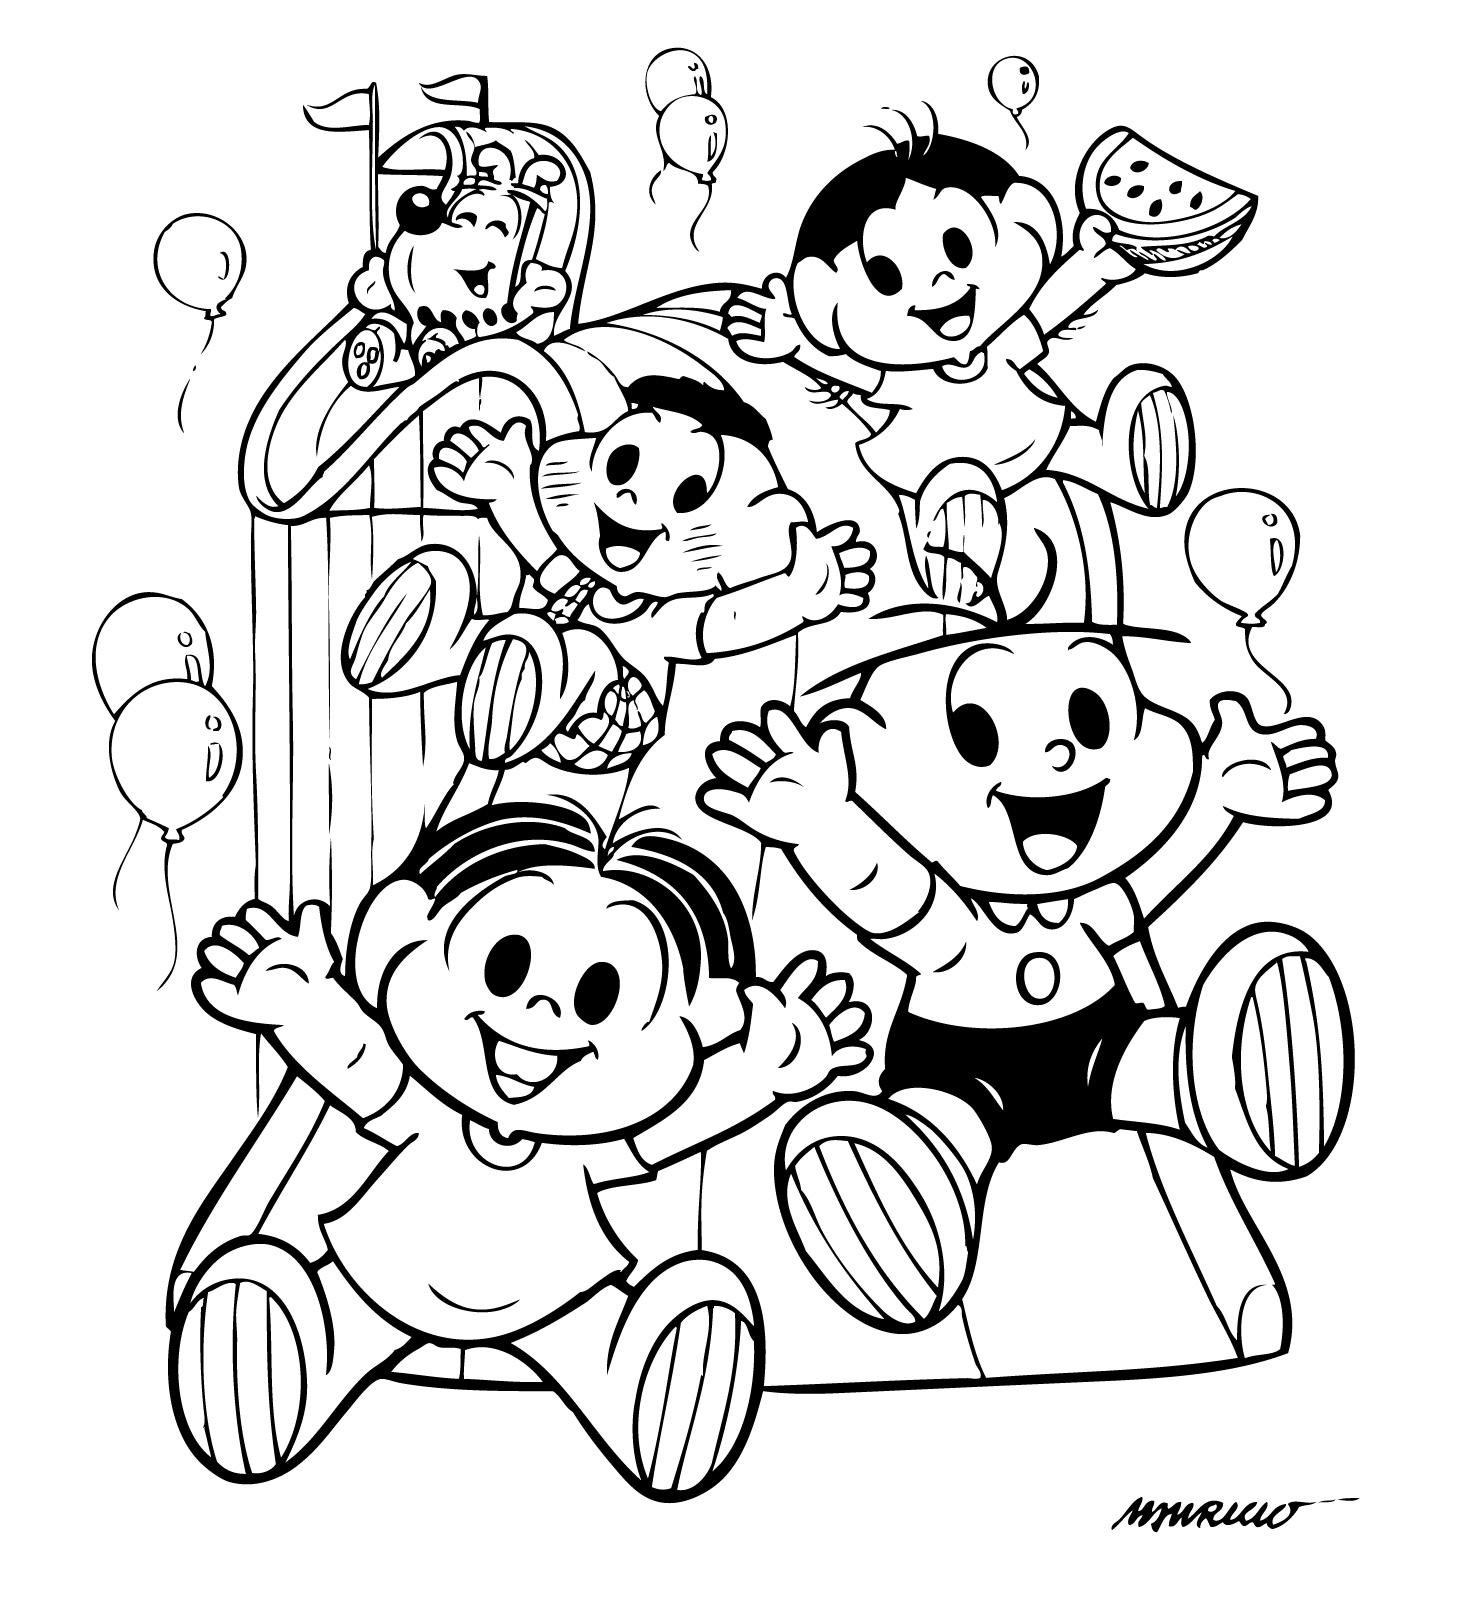 dia das criancas colorir Desenhos para Colorir do Dia das Crianças: Imagens, Imprimir e Pintar